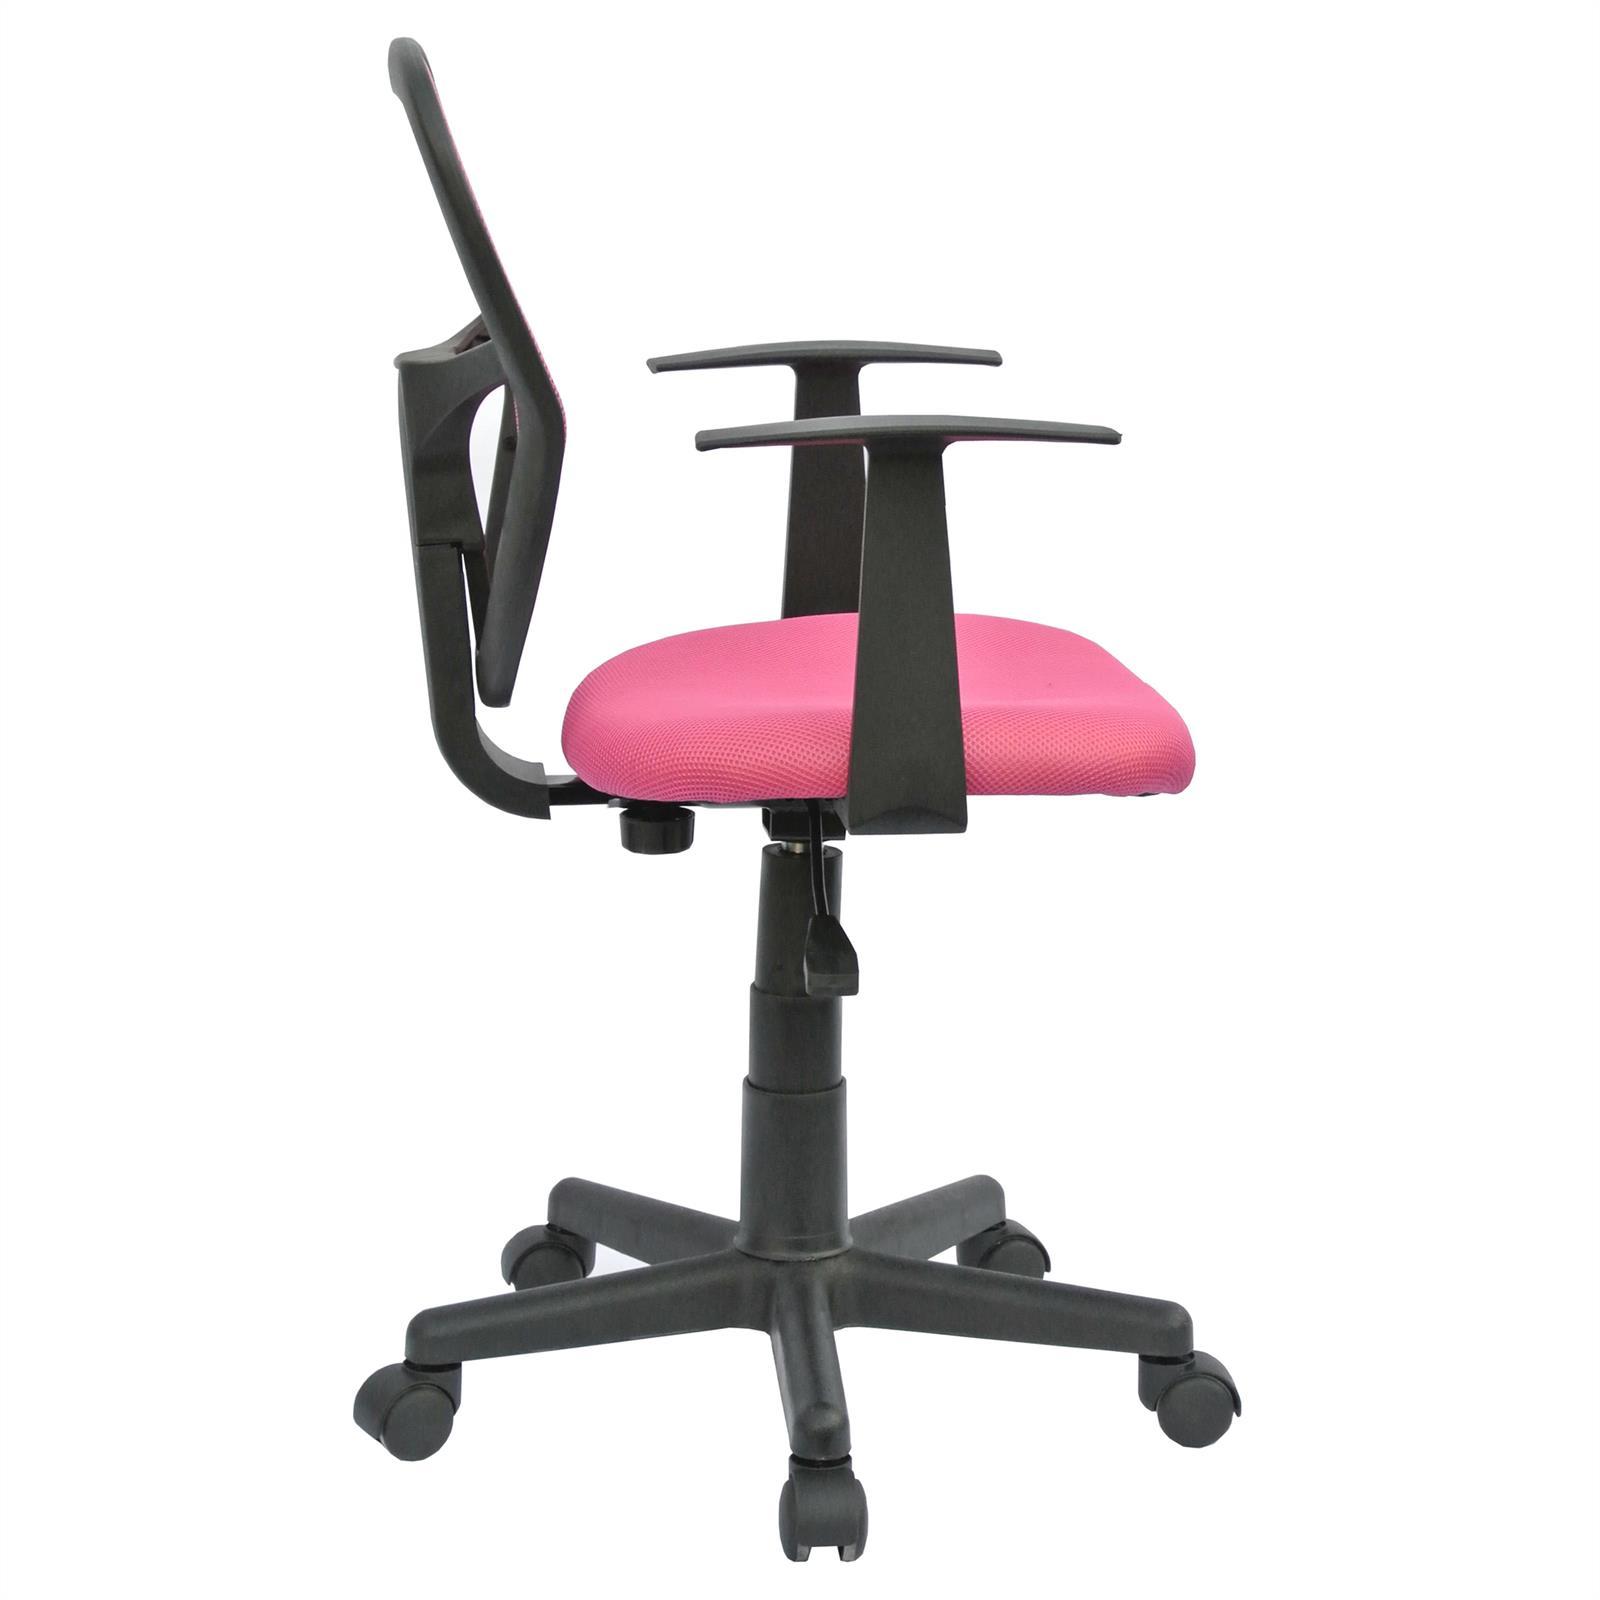 Chaise de bureau pour enfant STUDIO, rose -  Mobil-Meubles